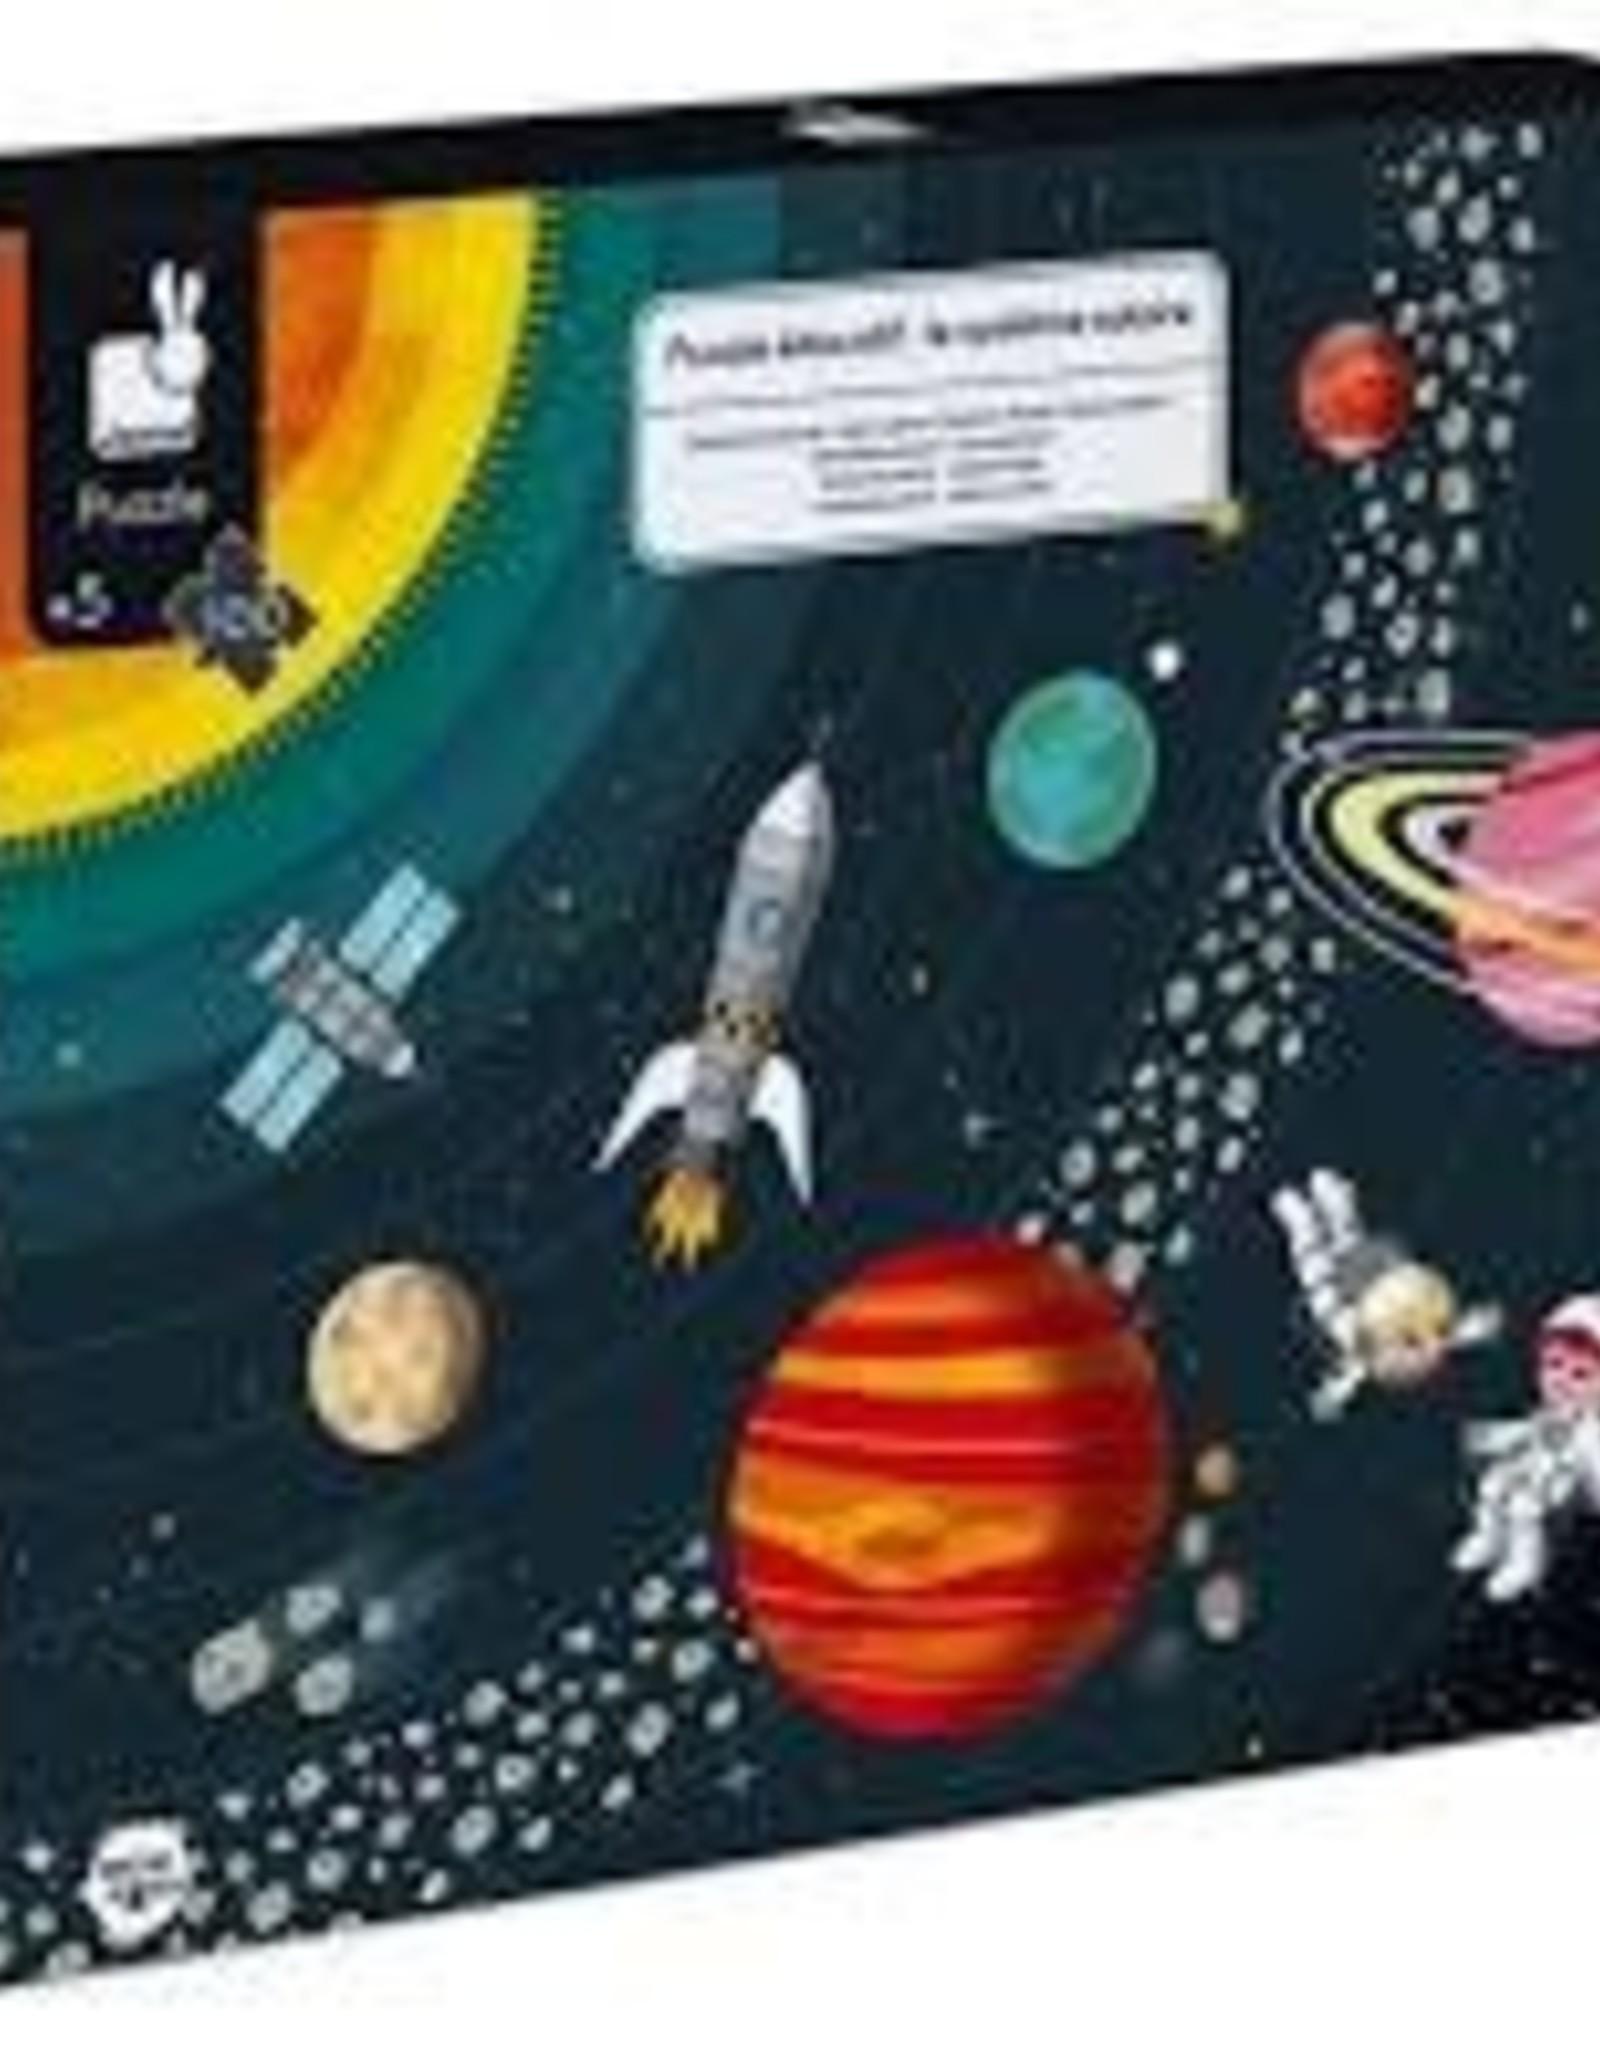 JANOD JURATOYS SOLAR SYSTEM EDUCATIONAL LEAFLET PUZZLE